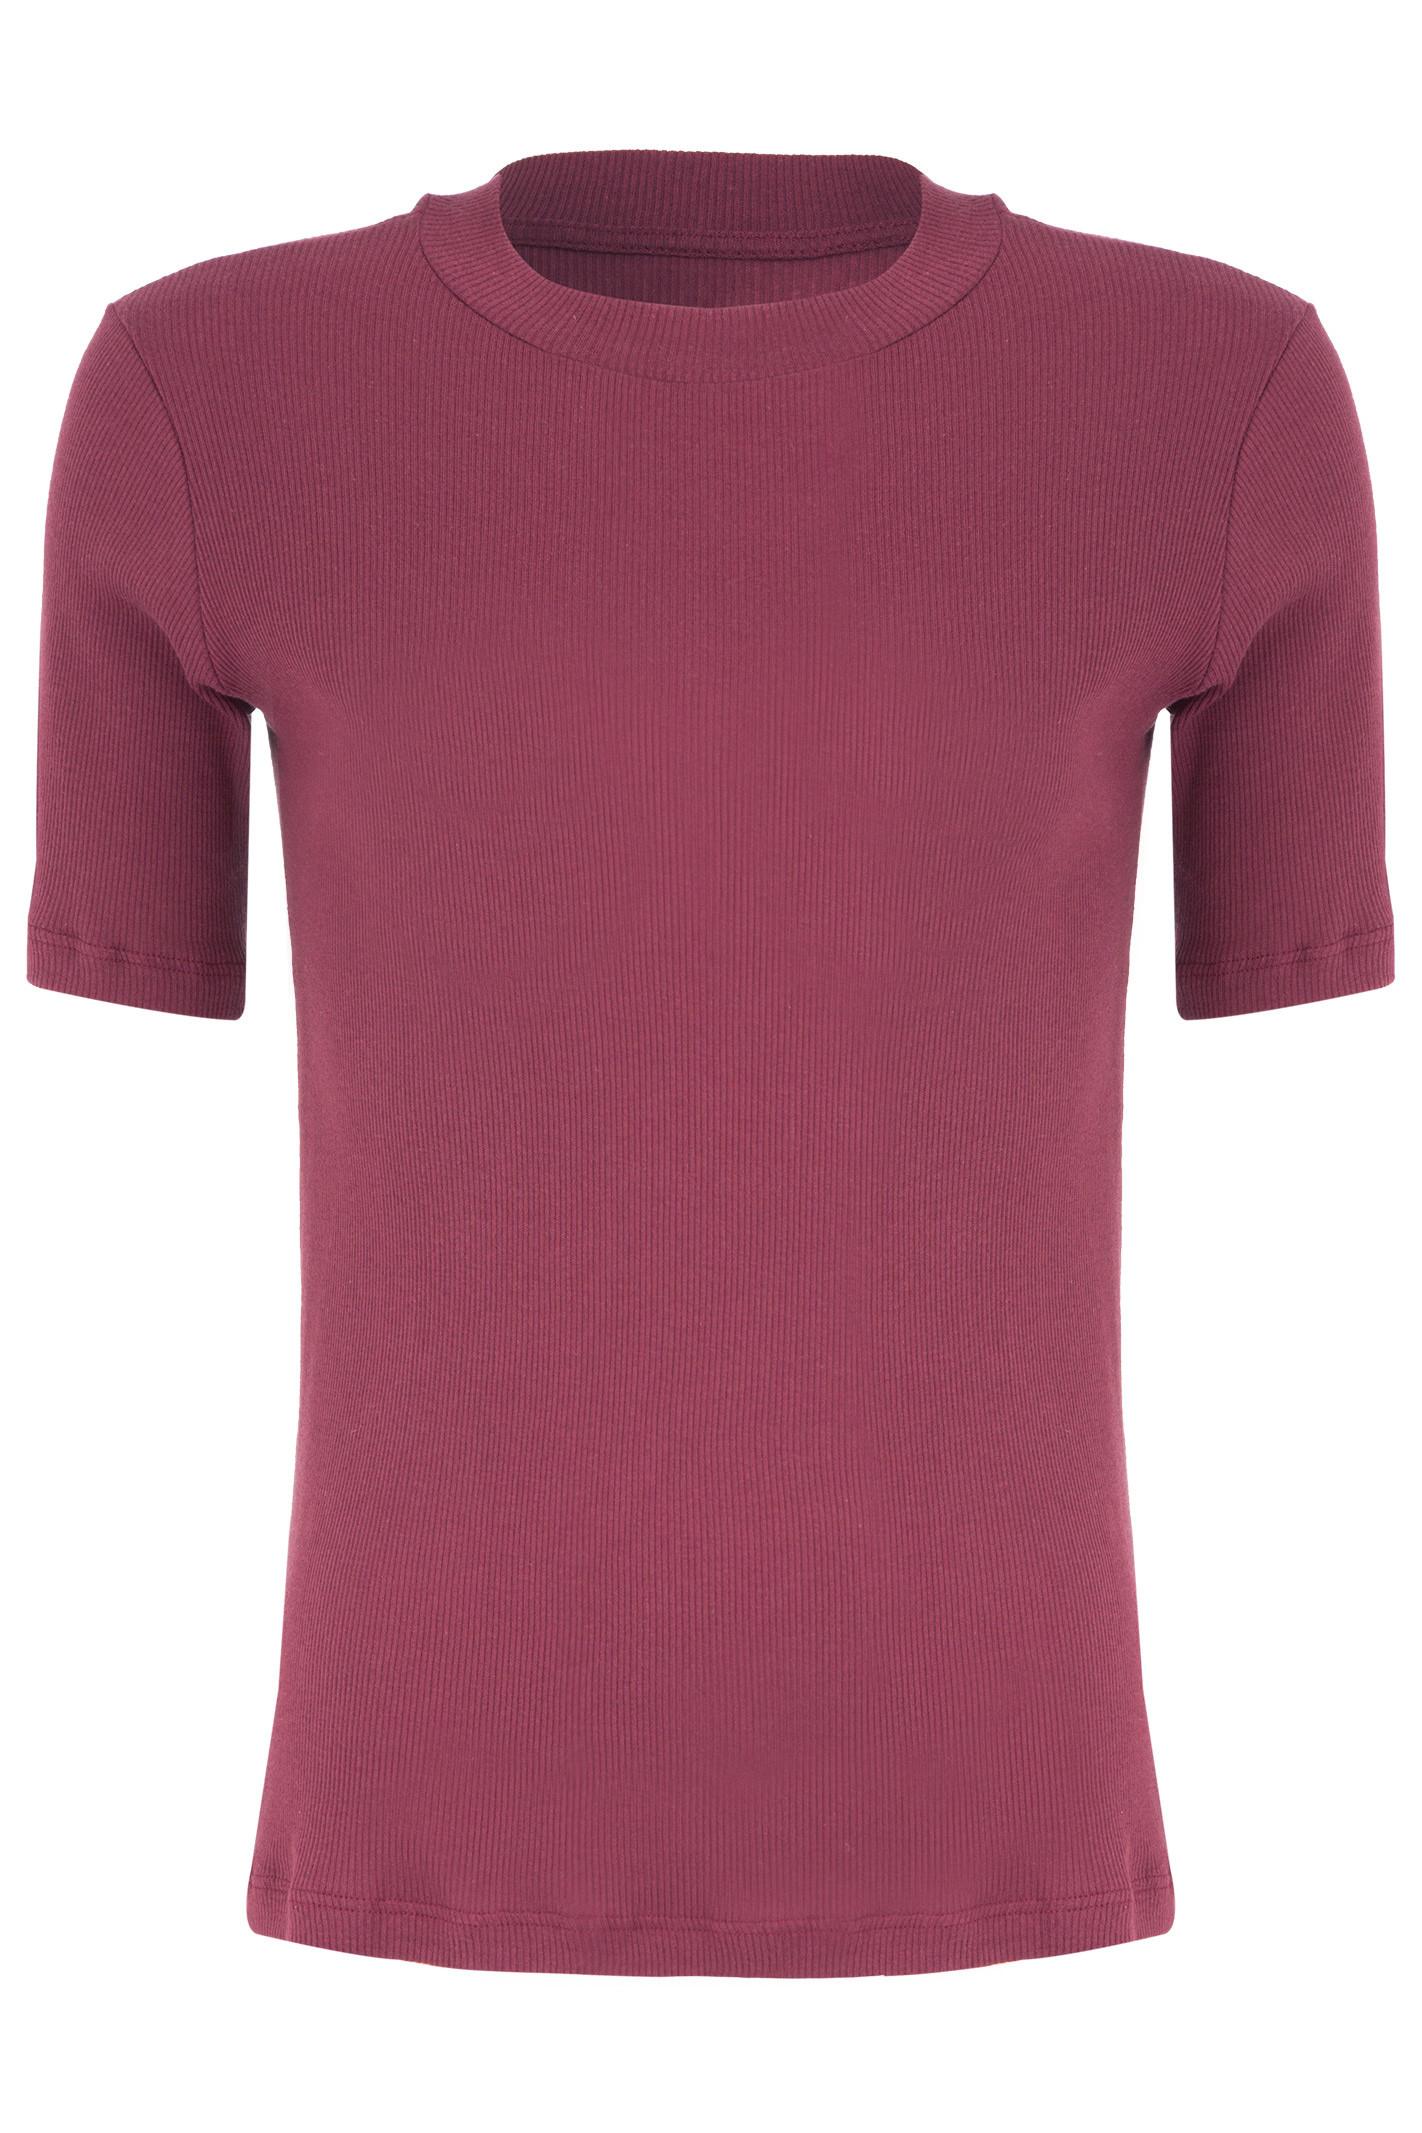 Tshirt Canelado - Vermelho